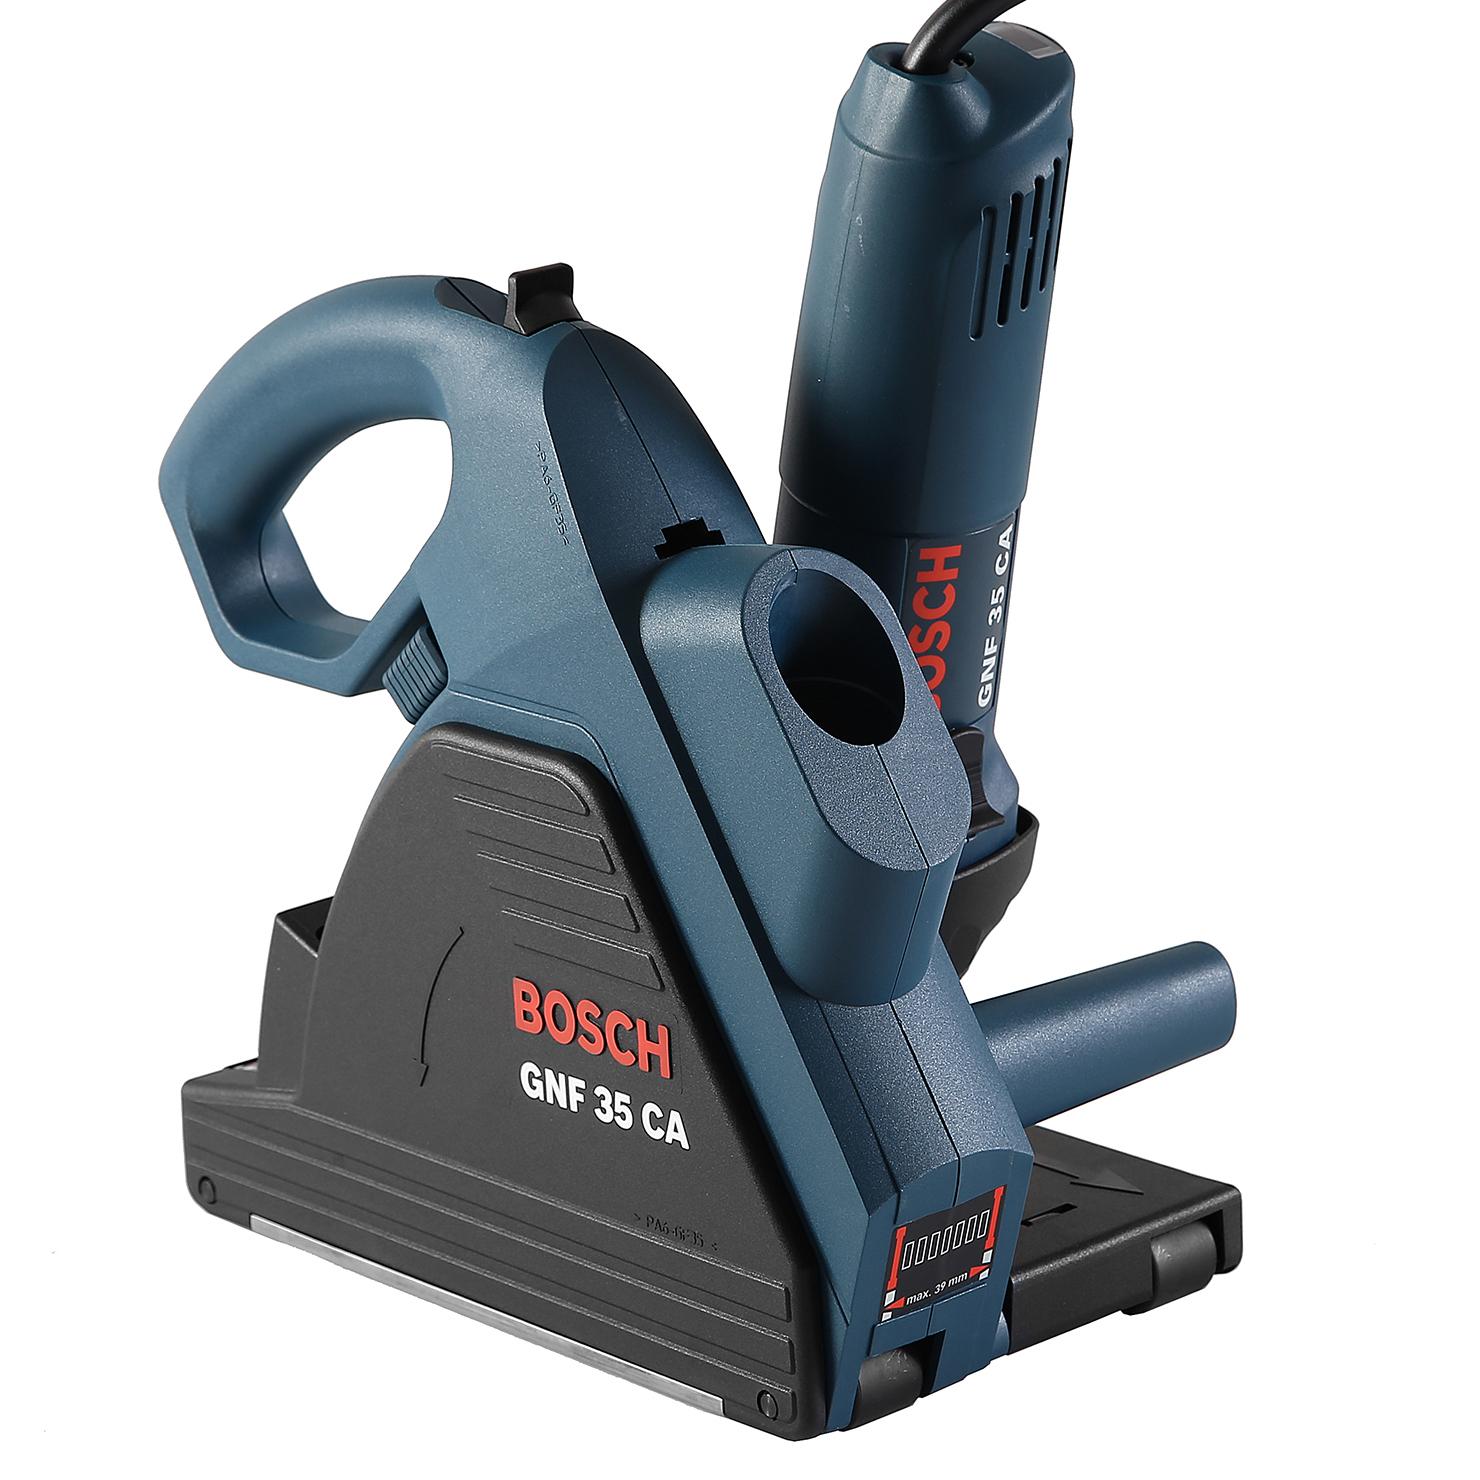 Штроборез Bosch Gnf 35 ca (0.601.621.708)